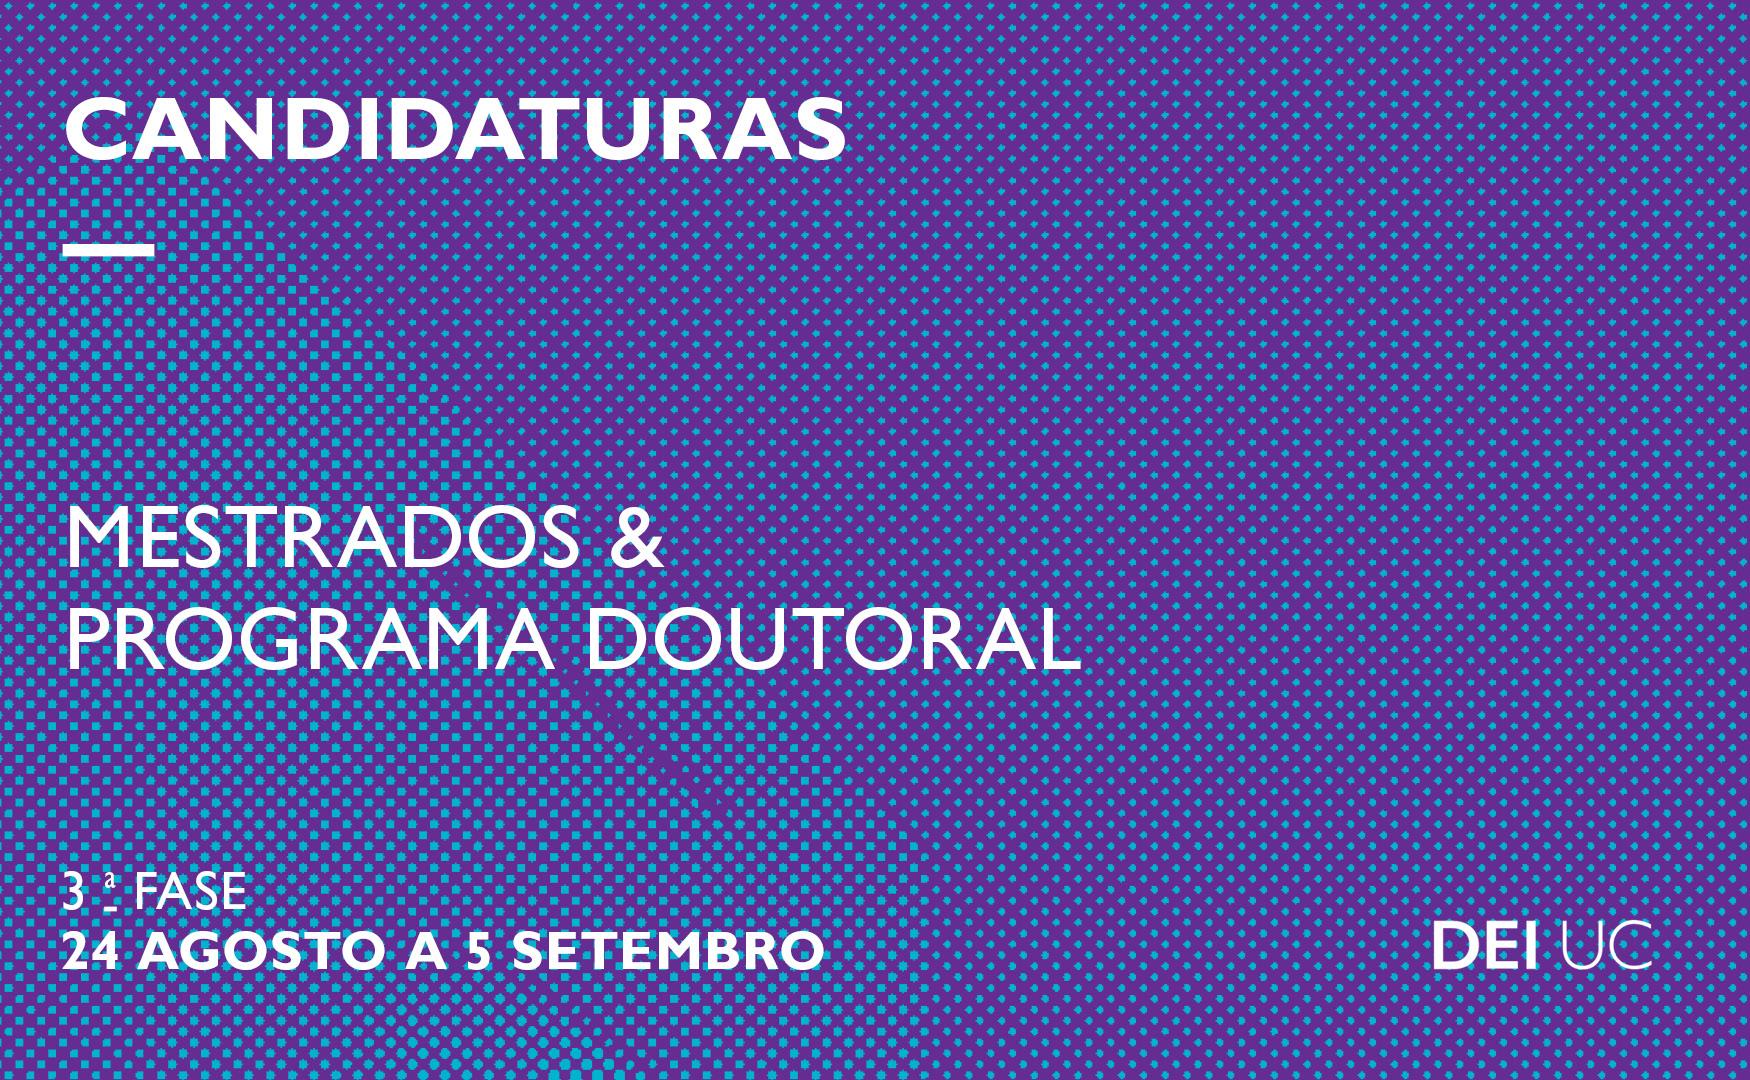 Candidaturas 3ª. Fase 2018 2019